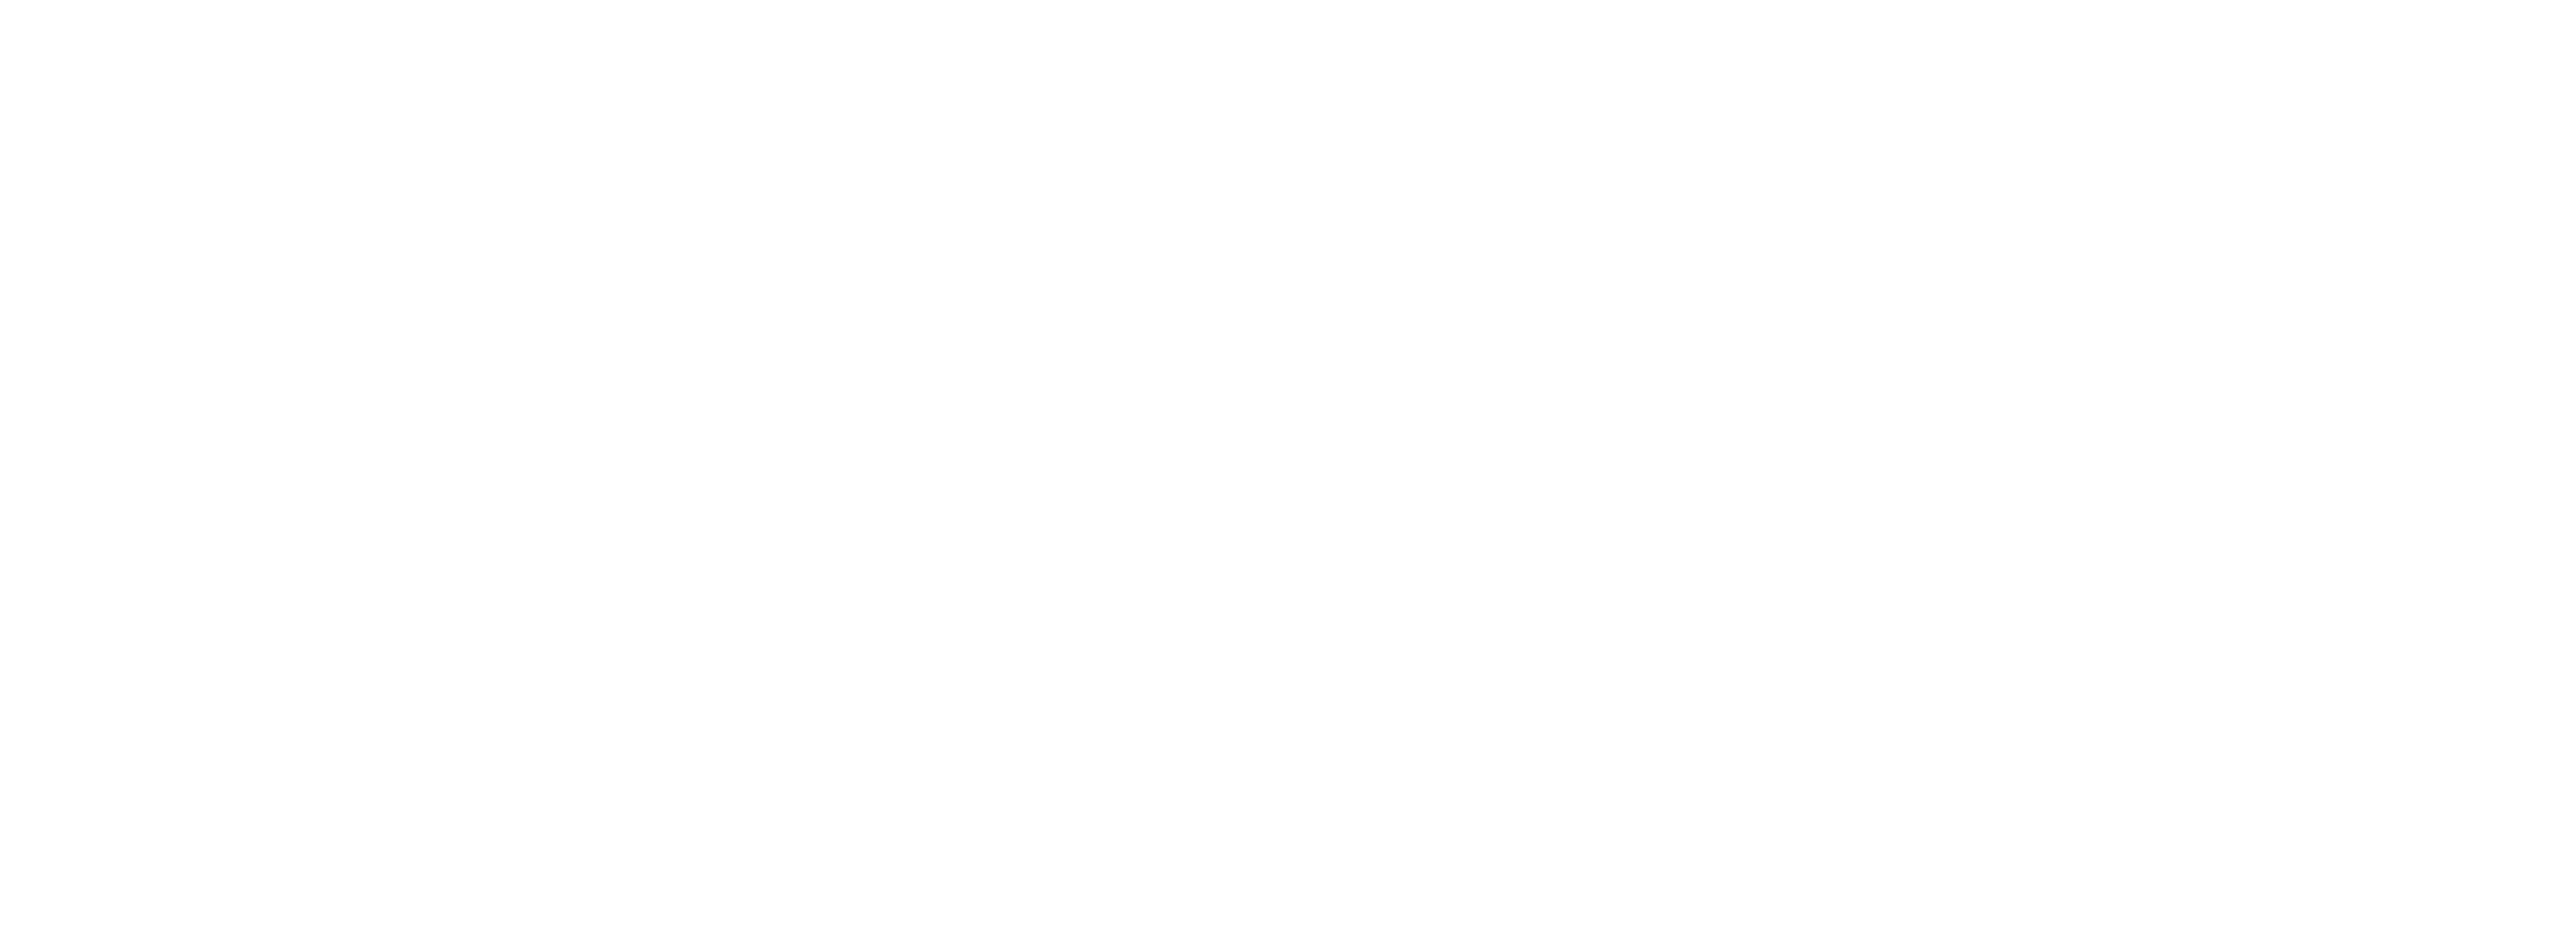 LINDY-FAY HELLA & Dei Farne